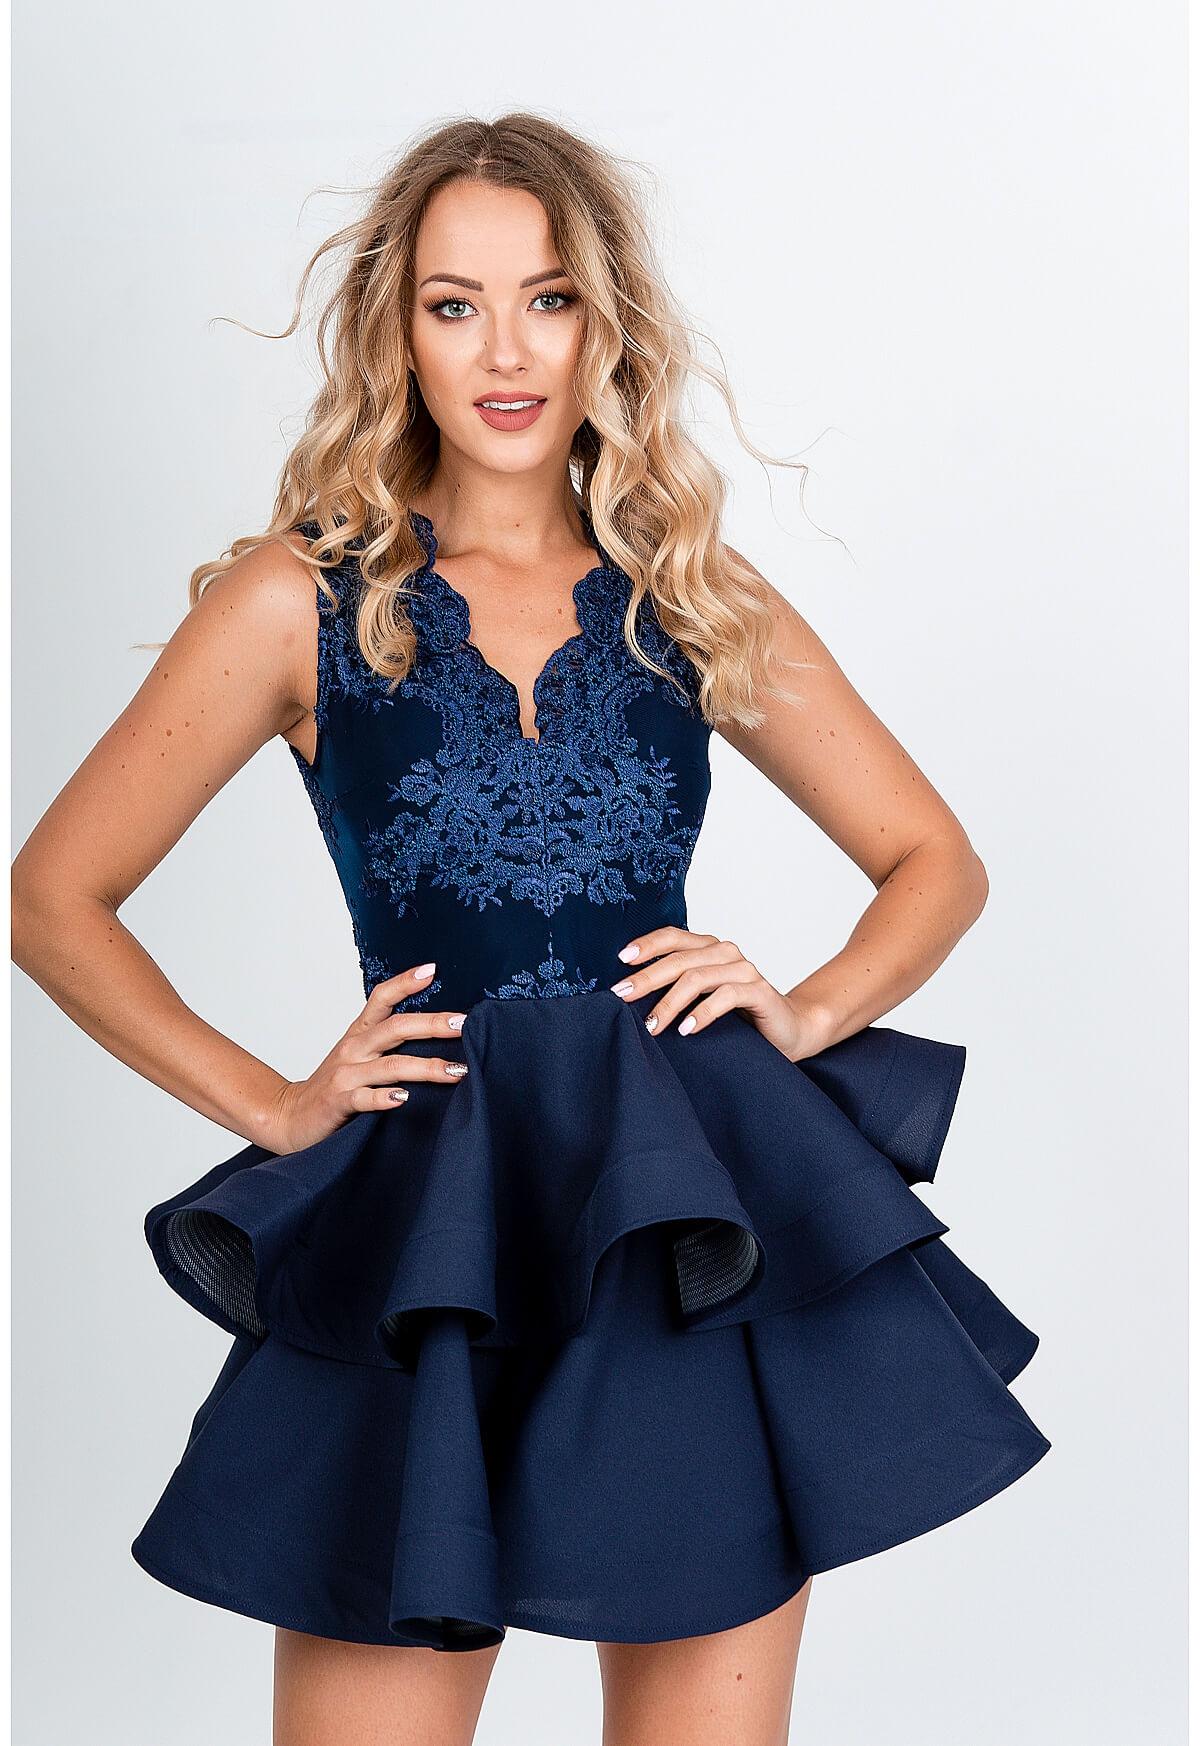 Tmavomodré spoločenské šaty s volánovou sukňou - XS